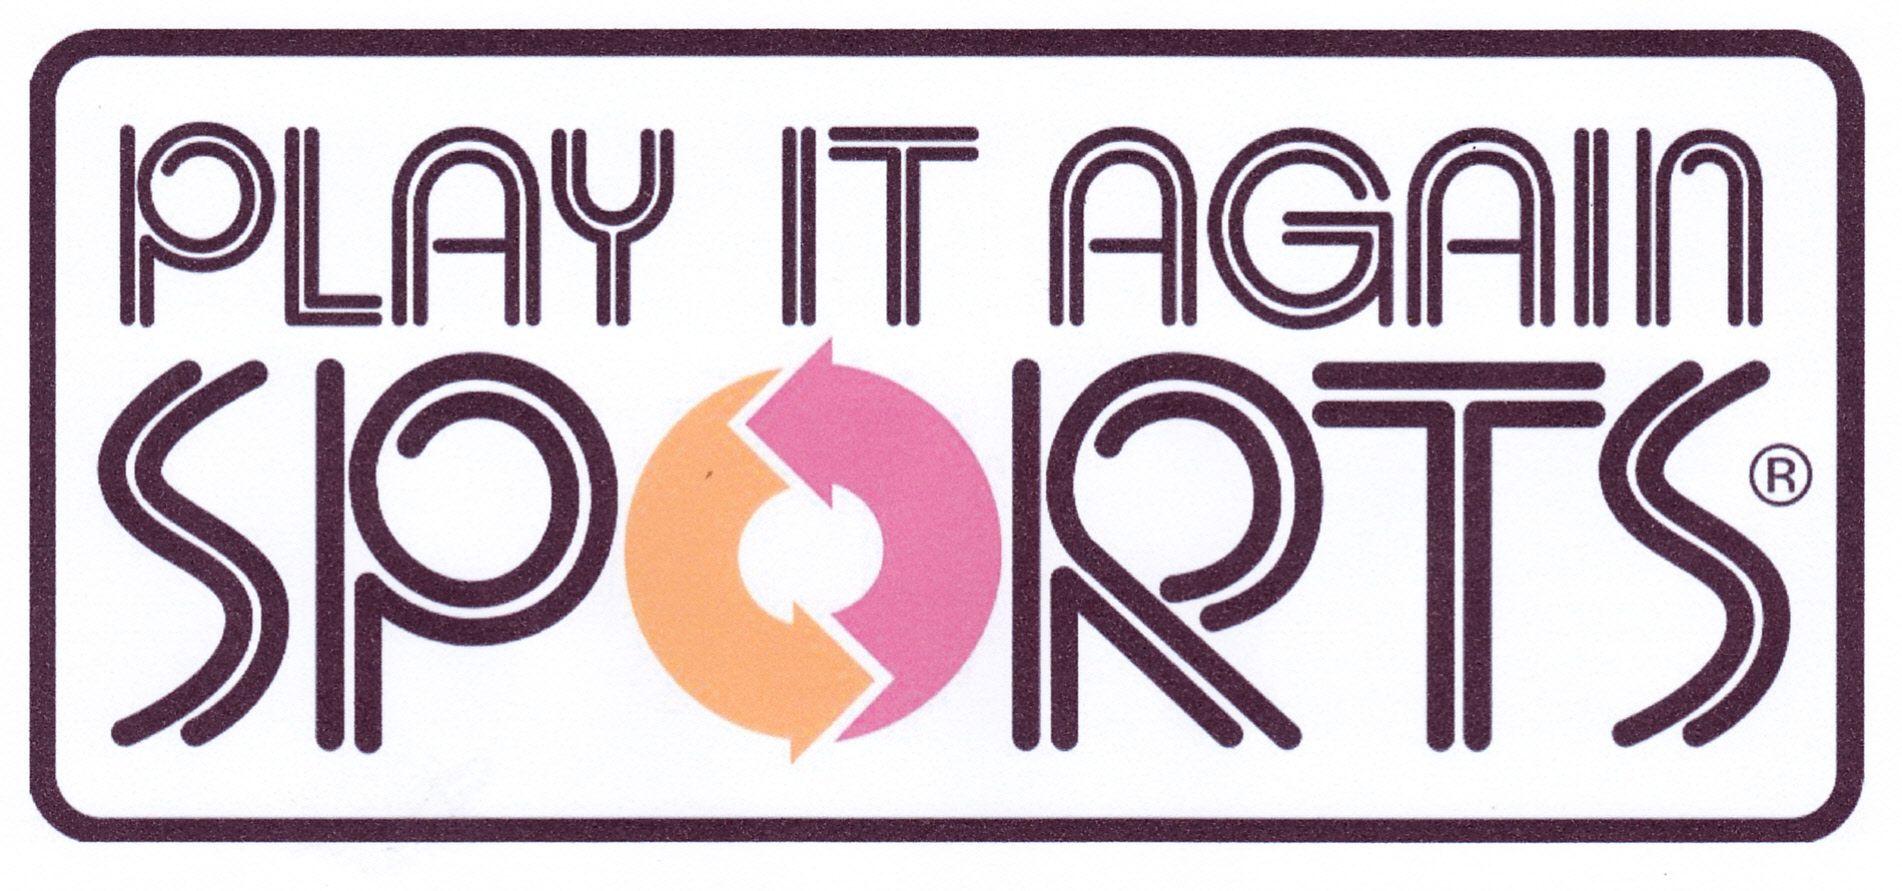 Play It Again Sports Sports equipment, Sports, Kids sports